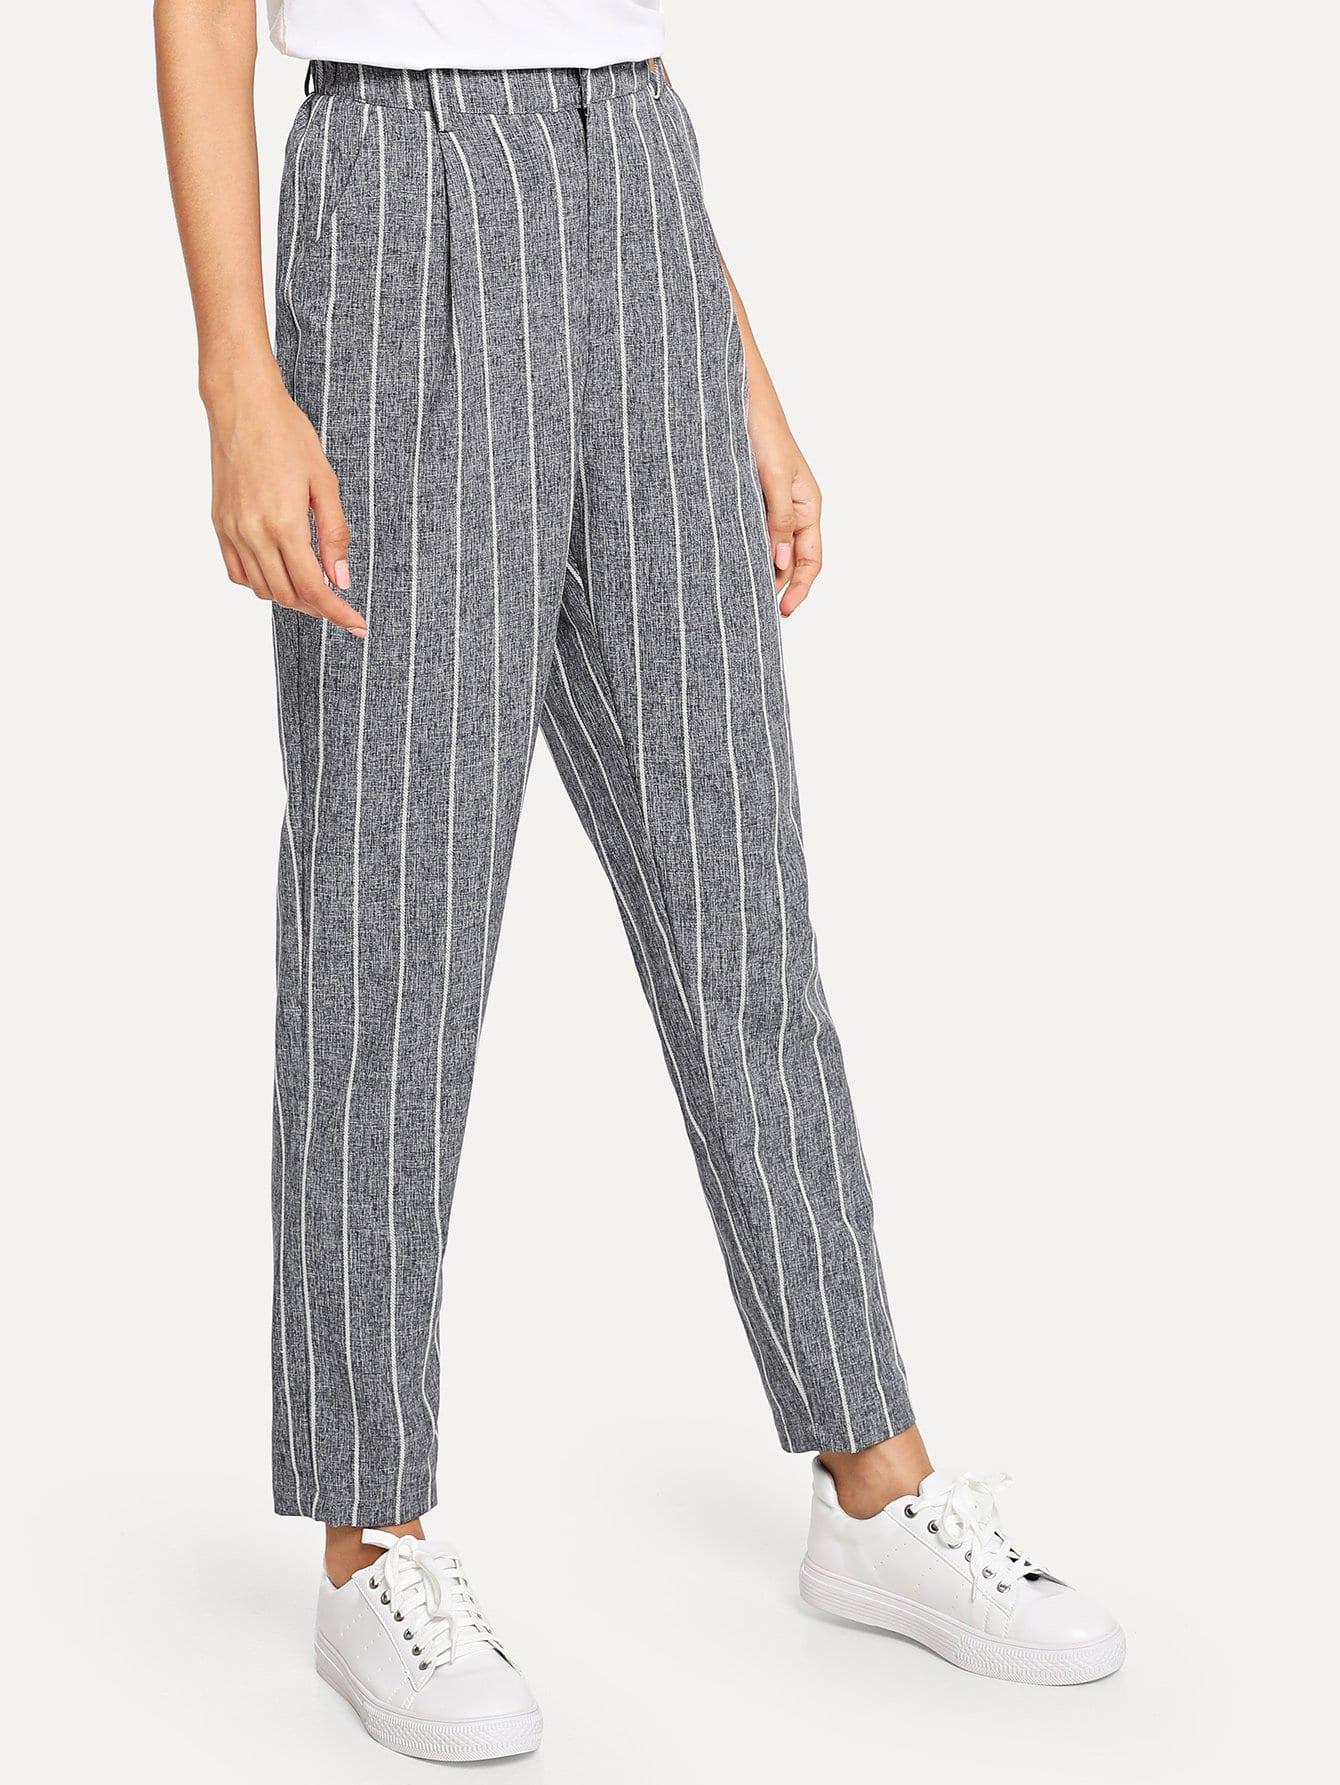 Купить Наклонные карманные полосатые штаны, Gabi B, SheIn